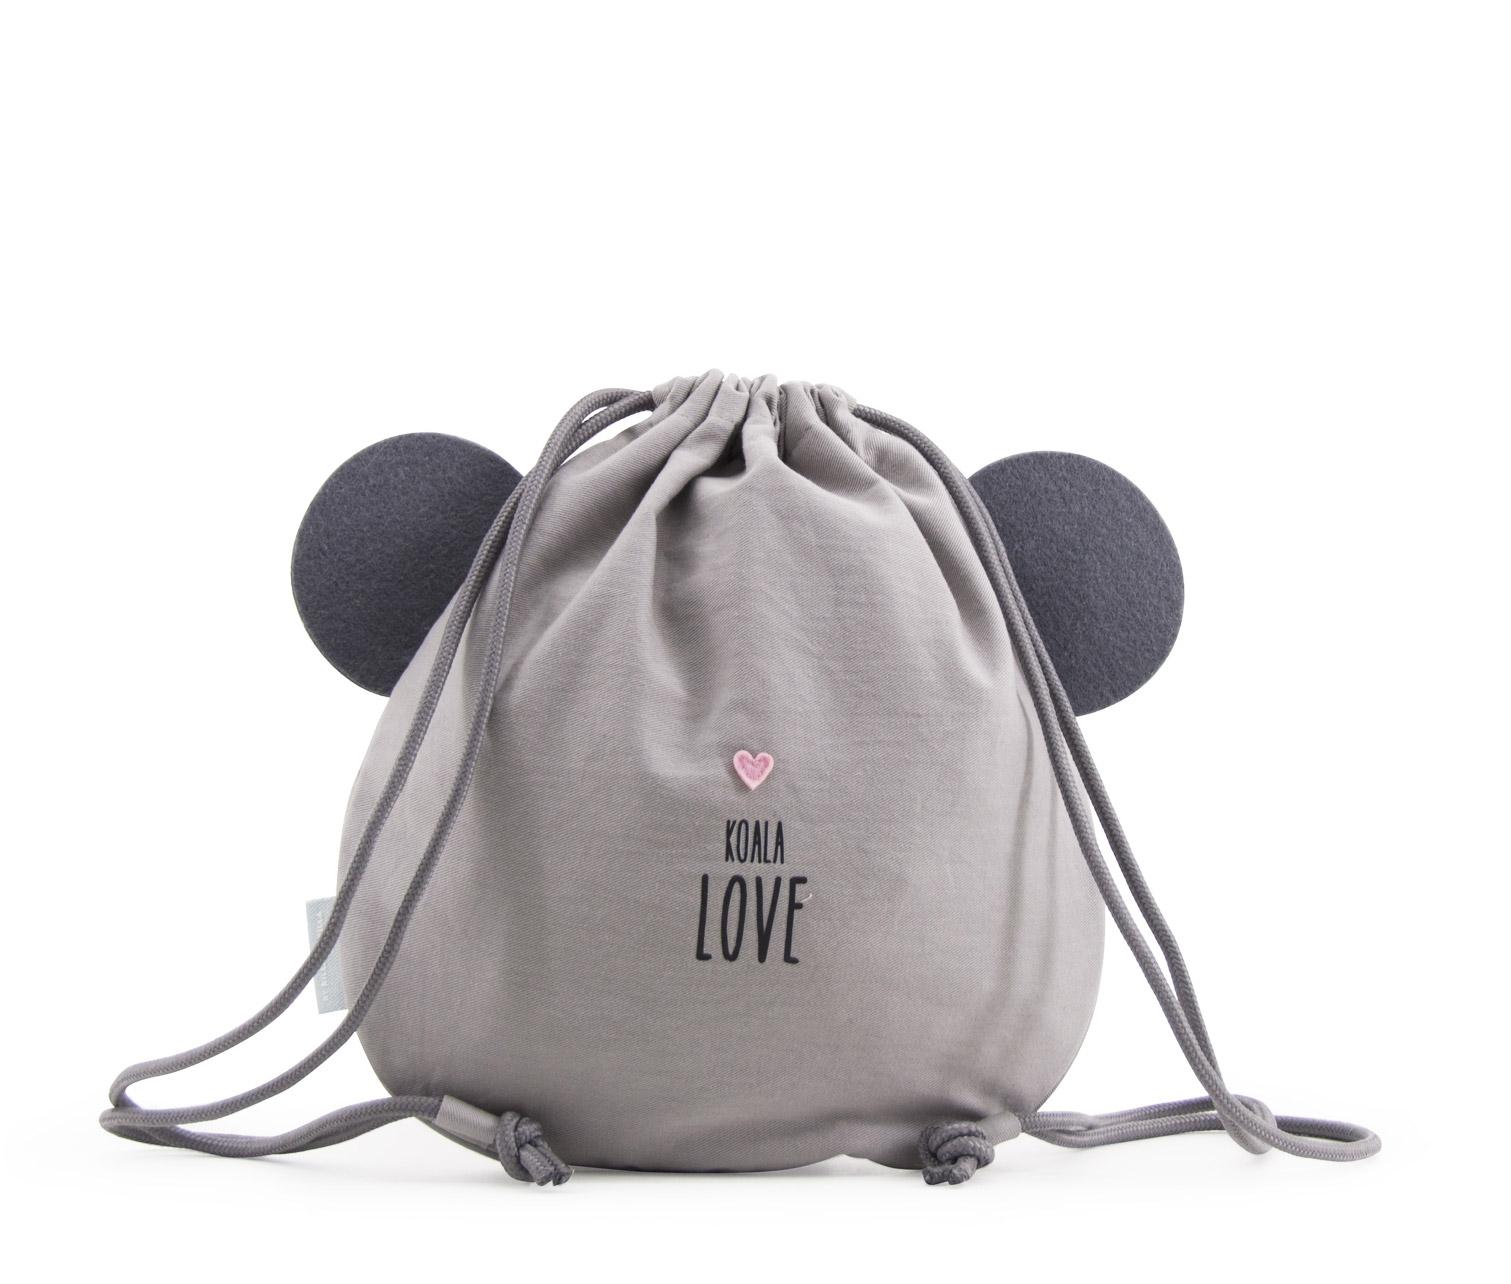 43415a9aa0e988 Drawstring Bag – Koala. stringbag-koala-02